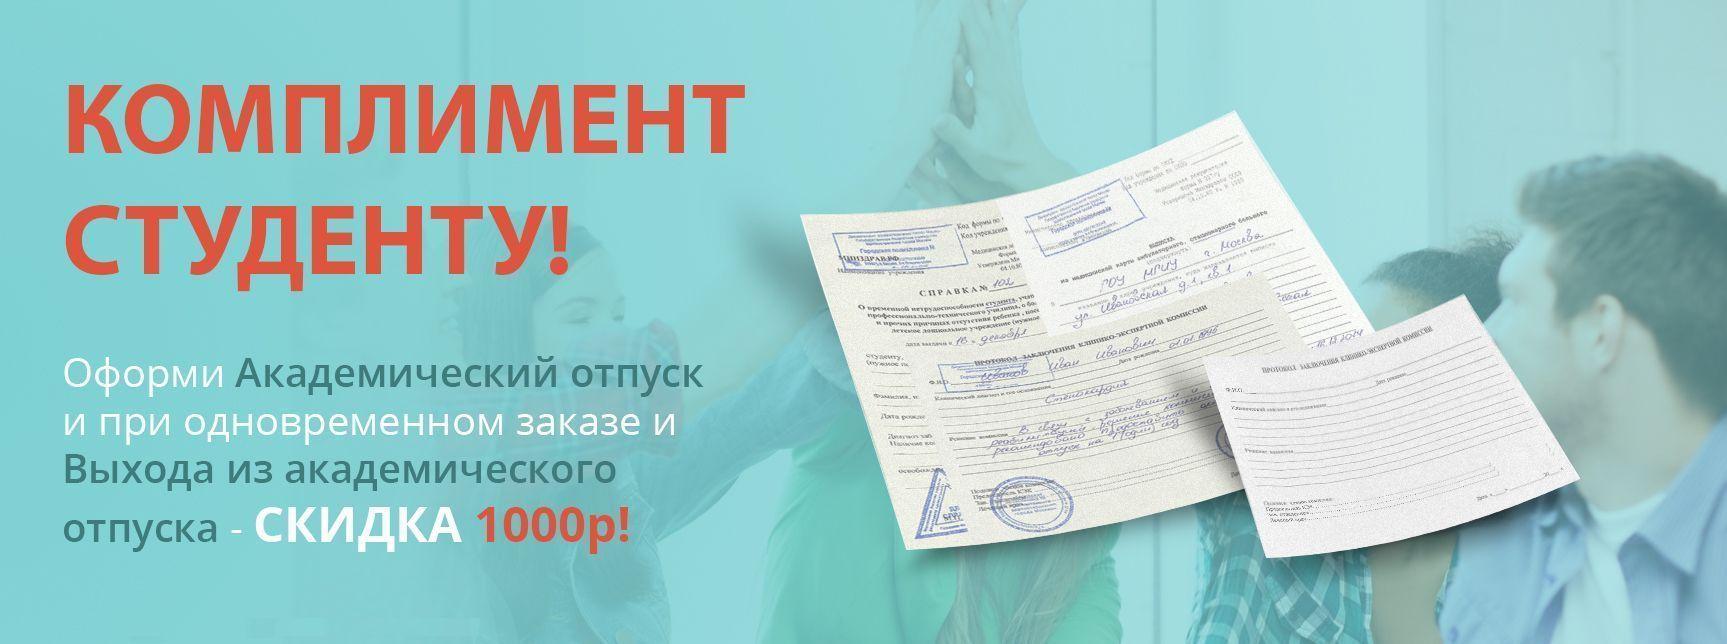 Диплом техникума купить красноярск